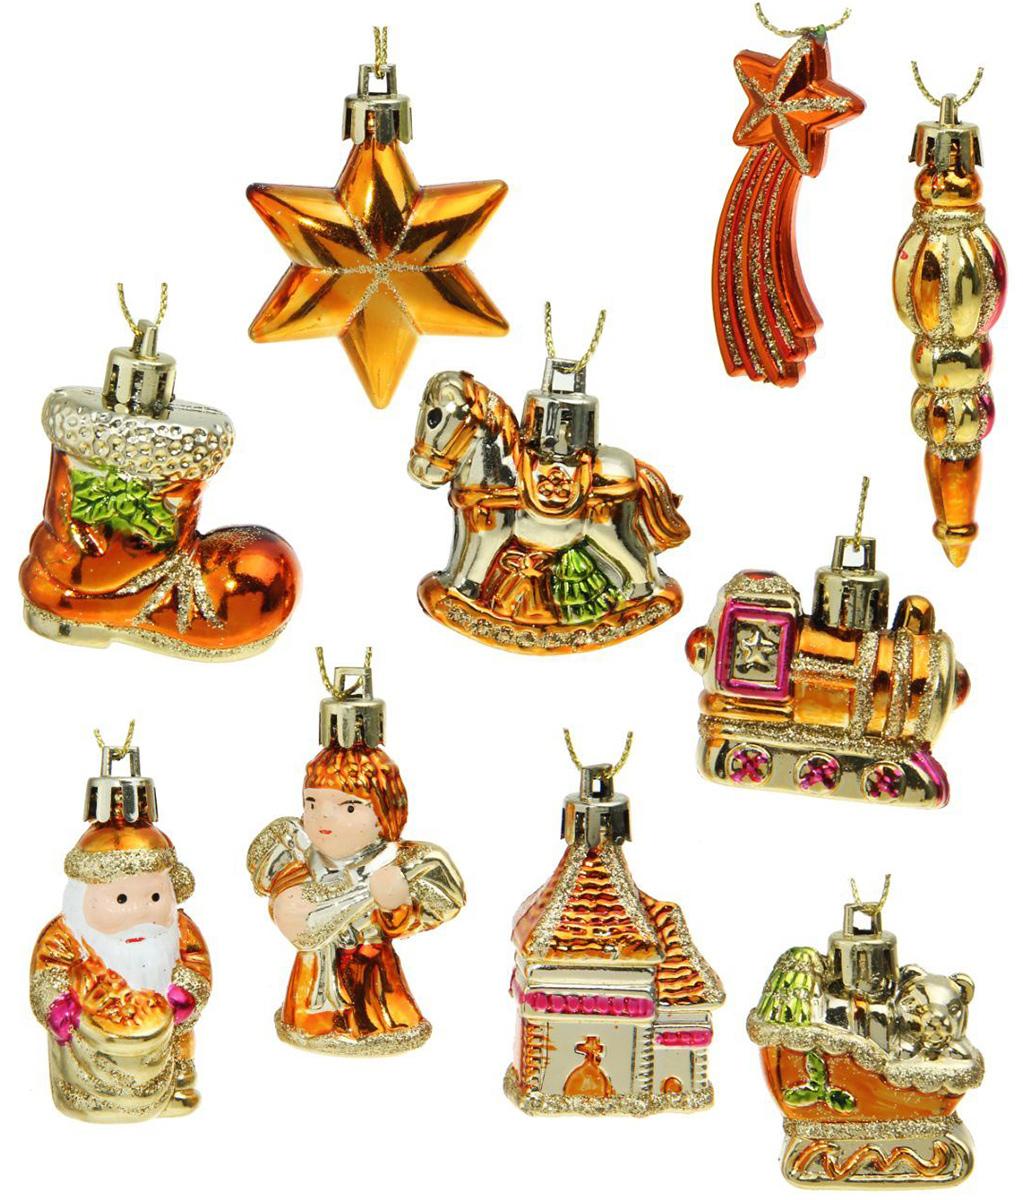 Набор новогодних подвесных украшений Sima-land Ассорти, 12 шт. 13102011310201Невозможно представить нашу жизнь без праздников! Мы всегда ждём их и предвкушаем, обдумываем, как проведём памятный день, тщательно выбираем подарки и аксессуары, ведь именно они создают и поддерживают торжественный настрой.